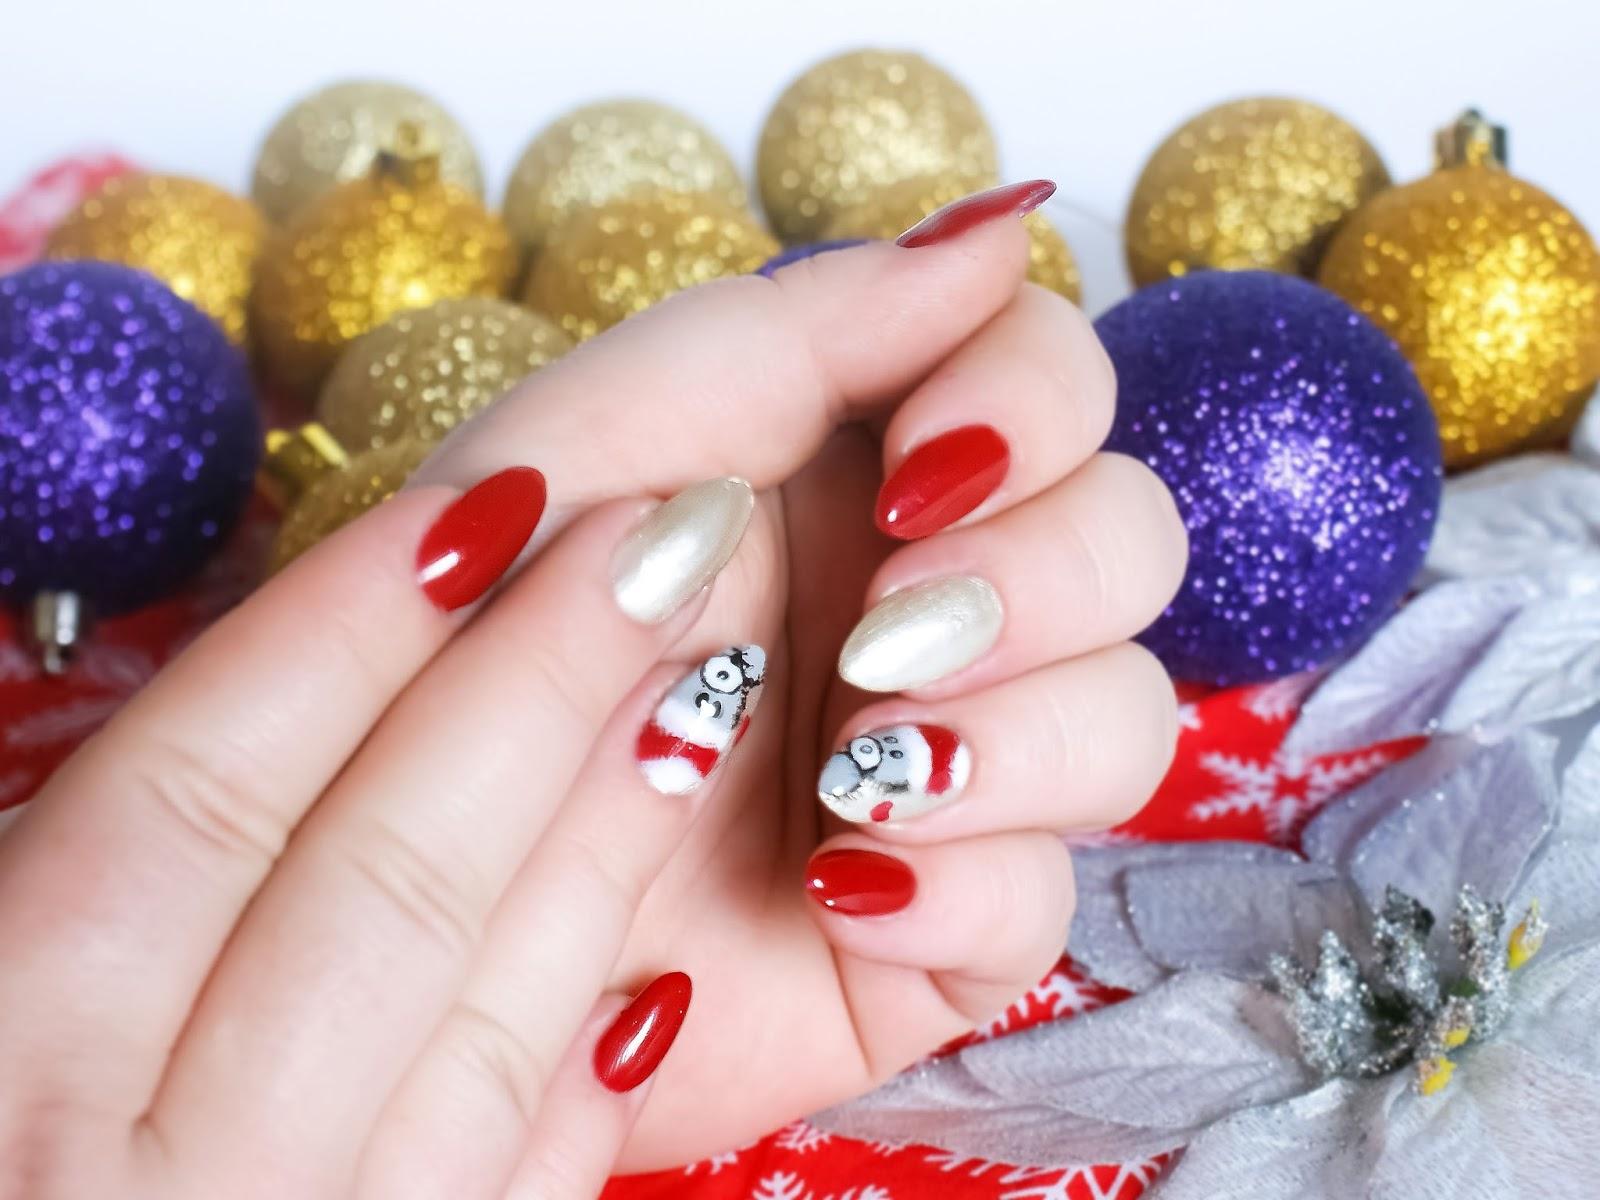 Świąteczny manicure. Czerwono złote paznokcie. Misie na paznokciach.